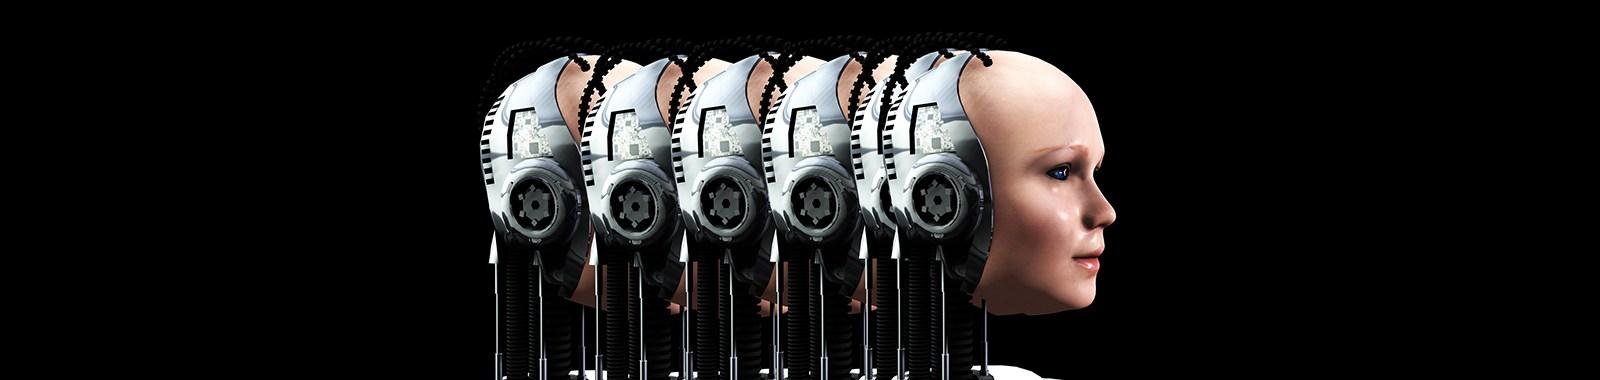 Robot Women 1